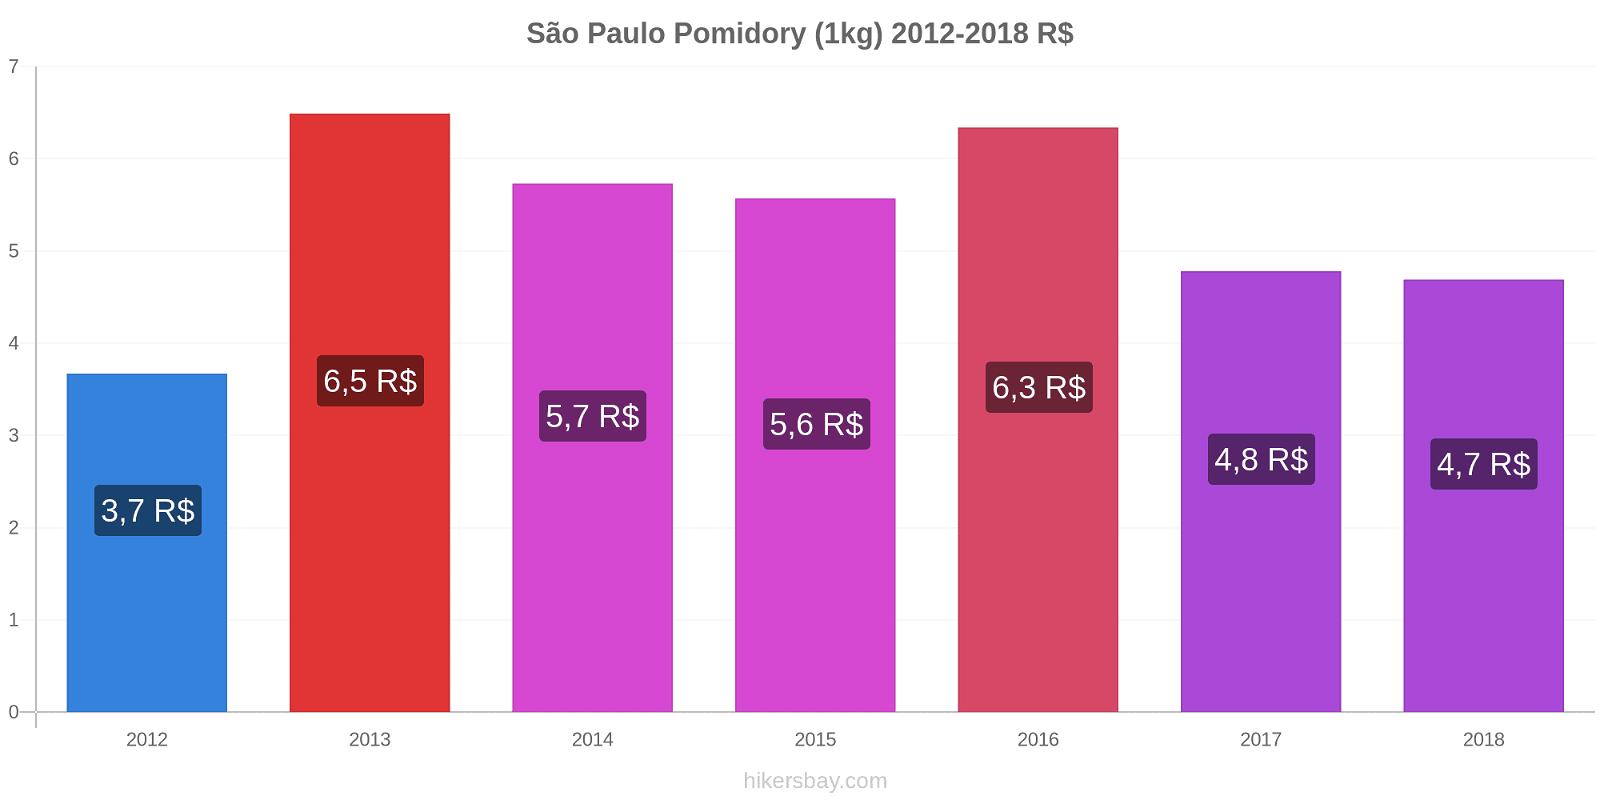 São Paulo zmiany cen Pomidory (1kg) hikersbay.com